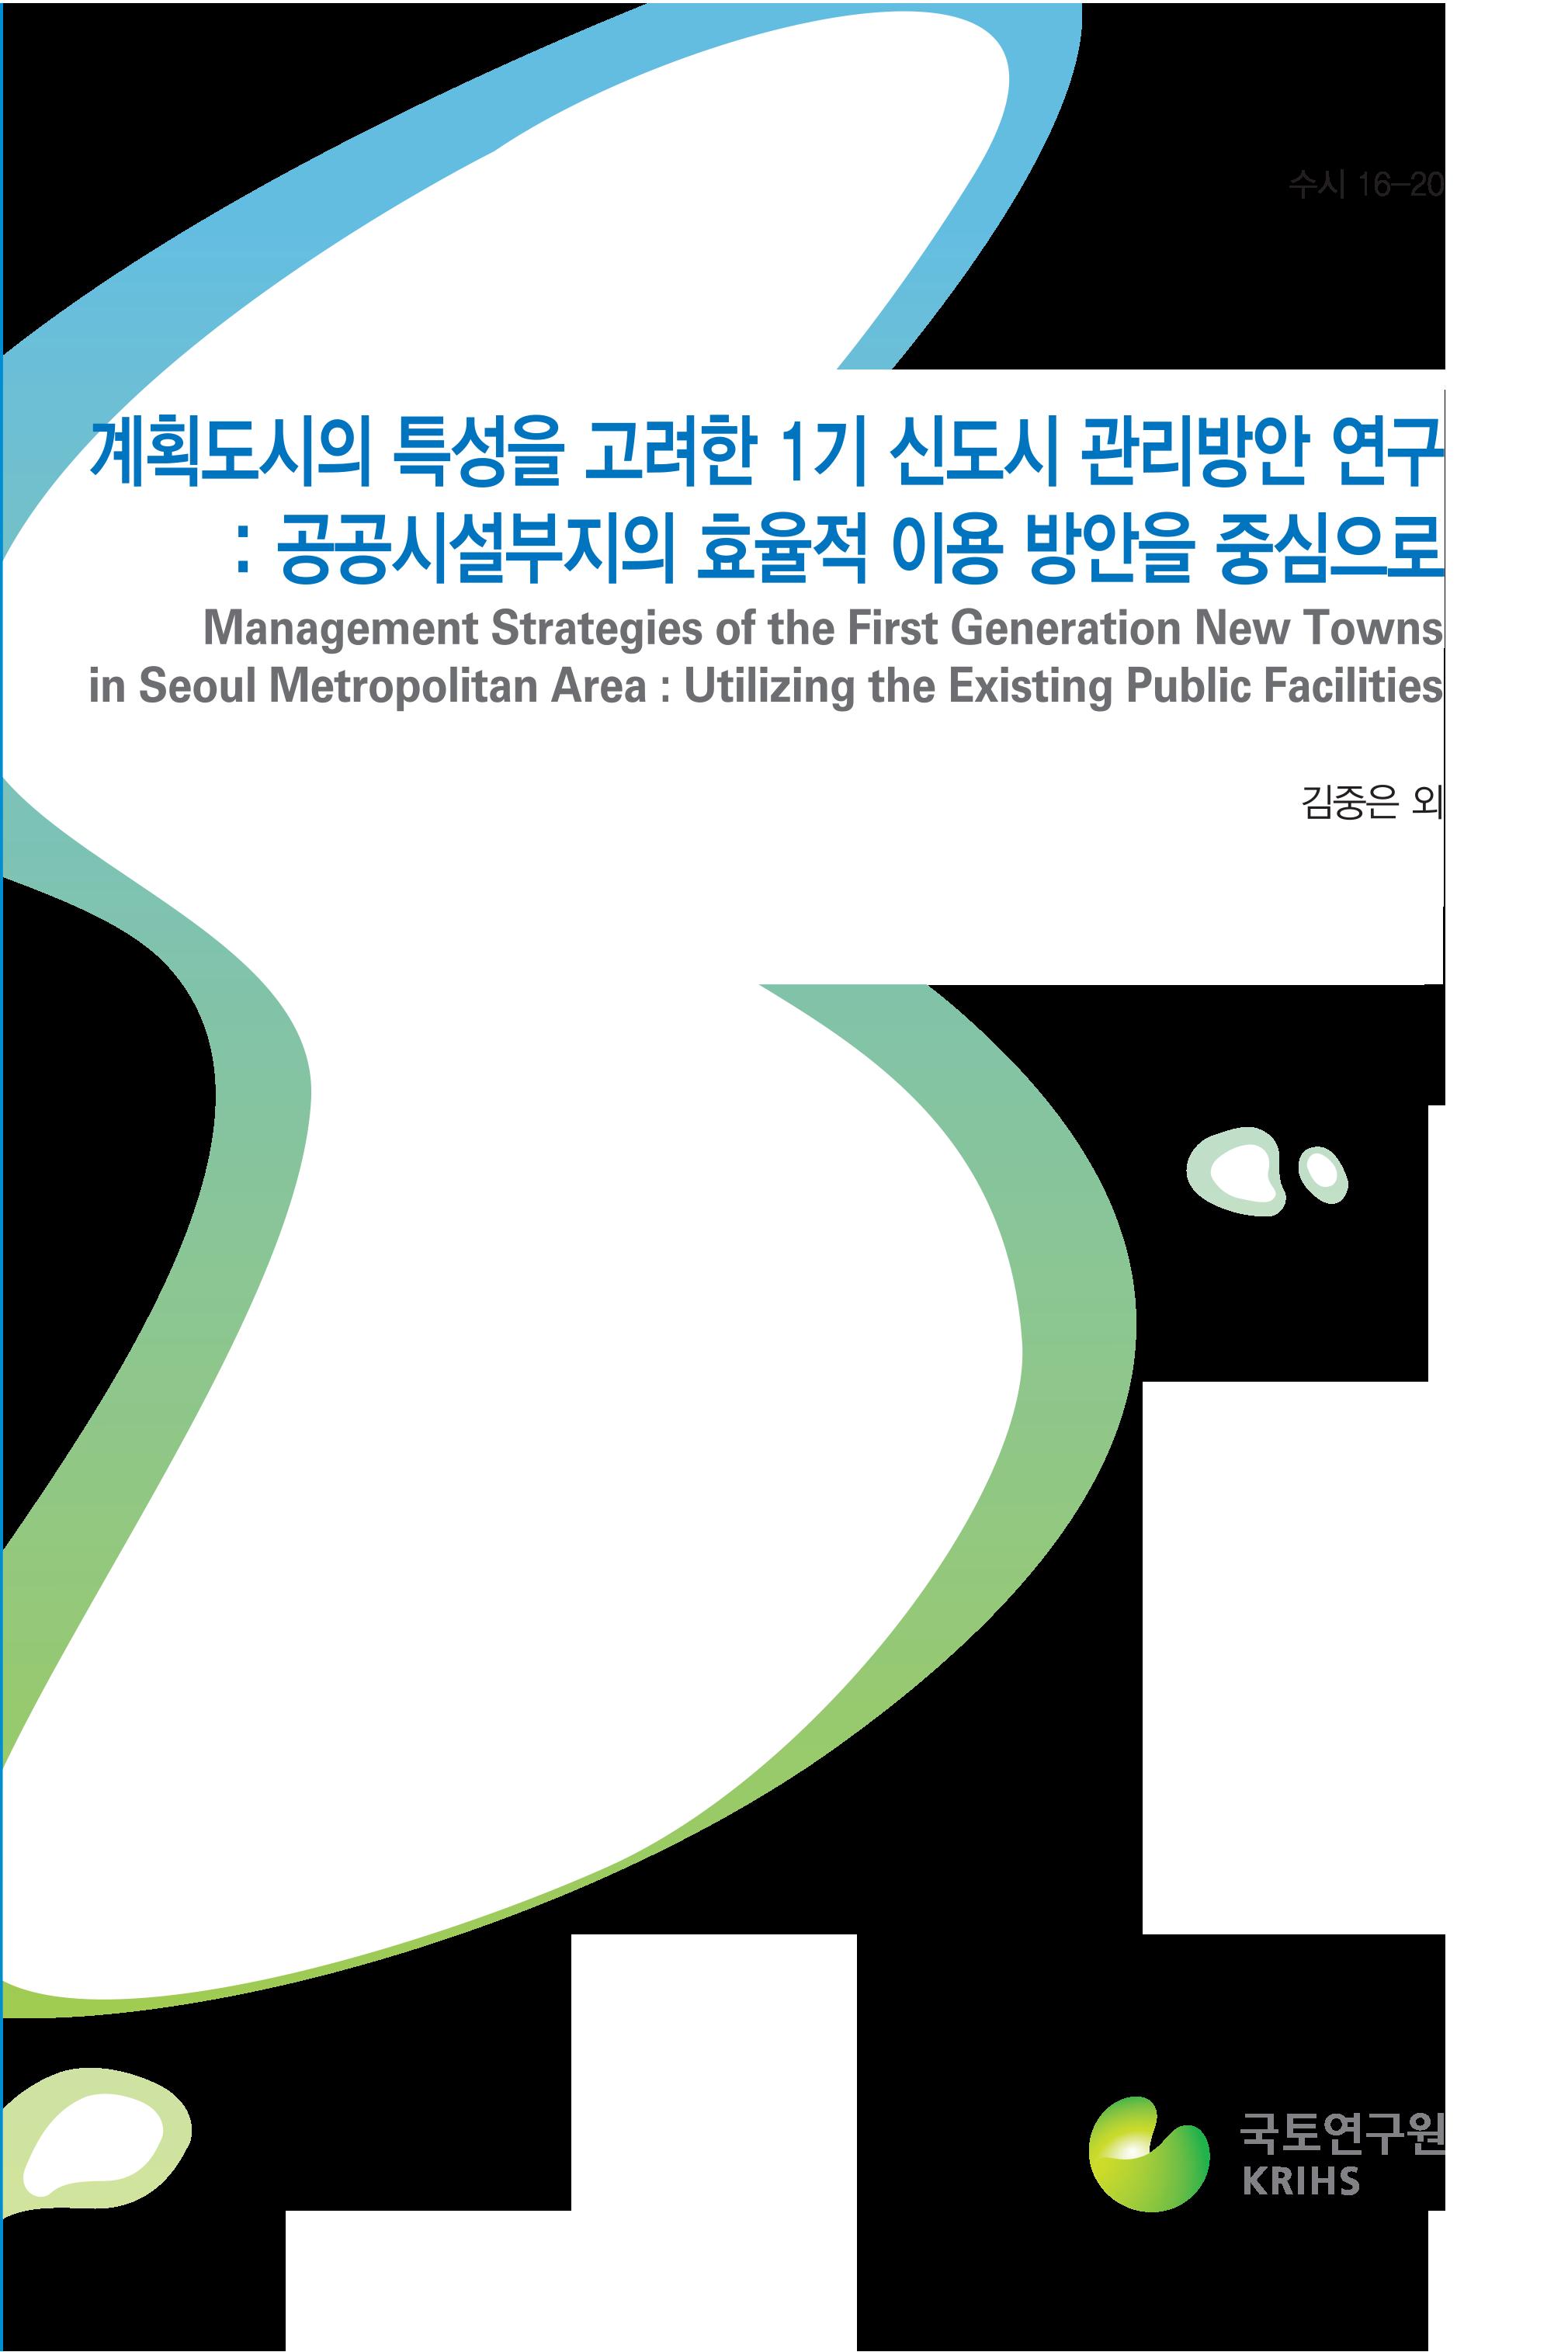 계획도시의 특성을 고려한 1기 신도시 관리방안 연구표지